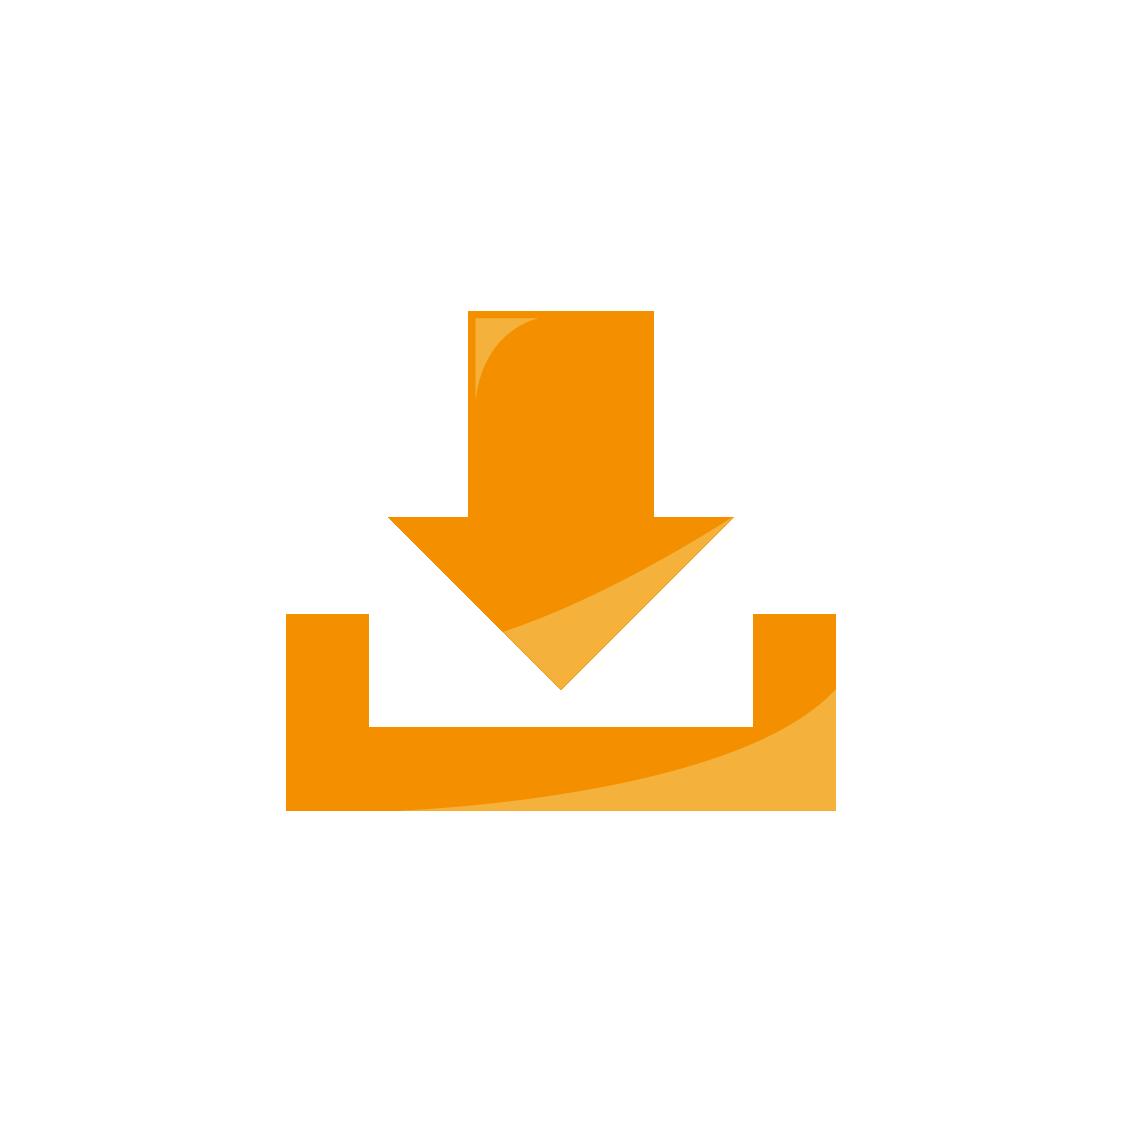 Examen oranje gordel